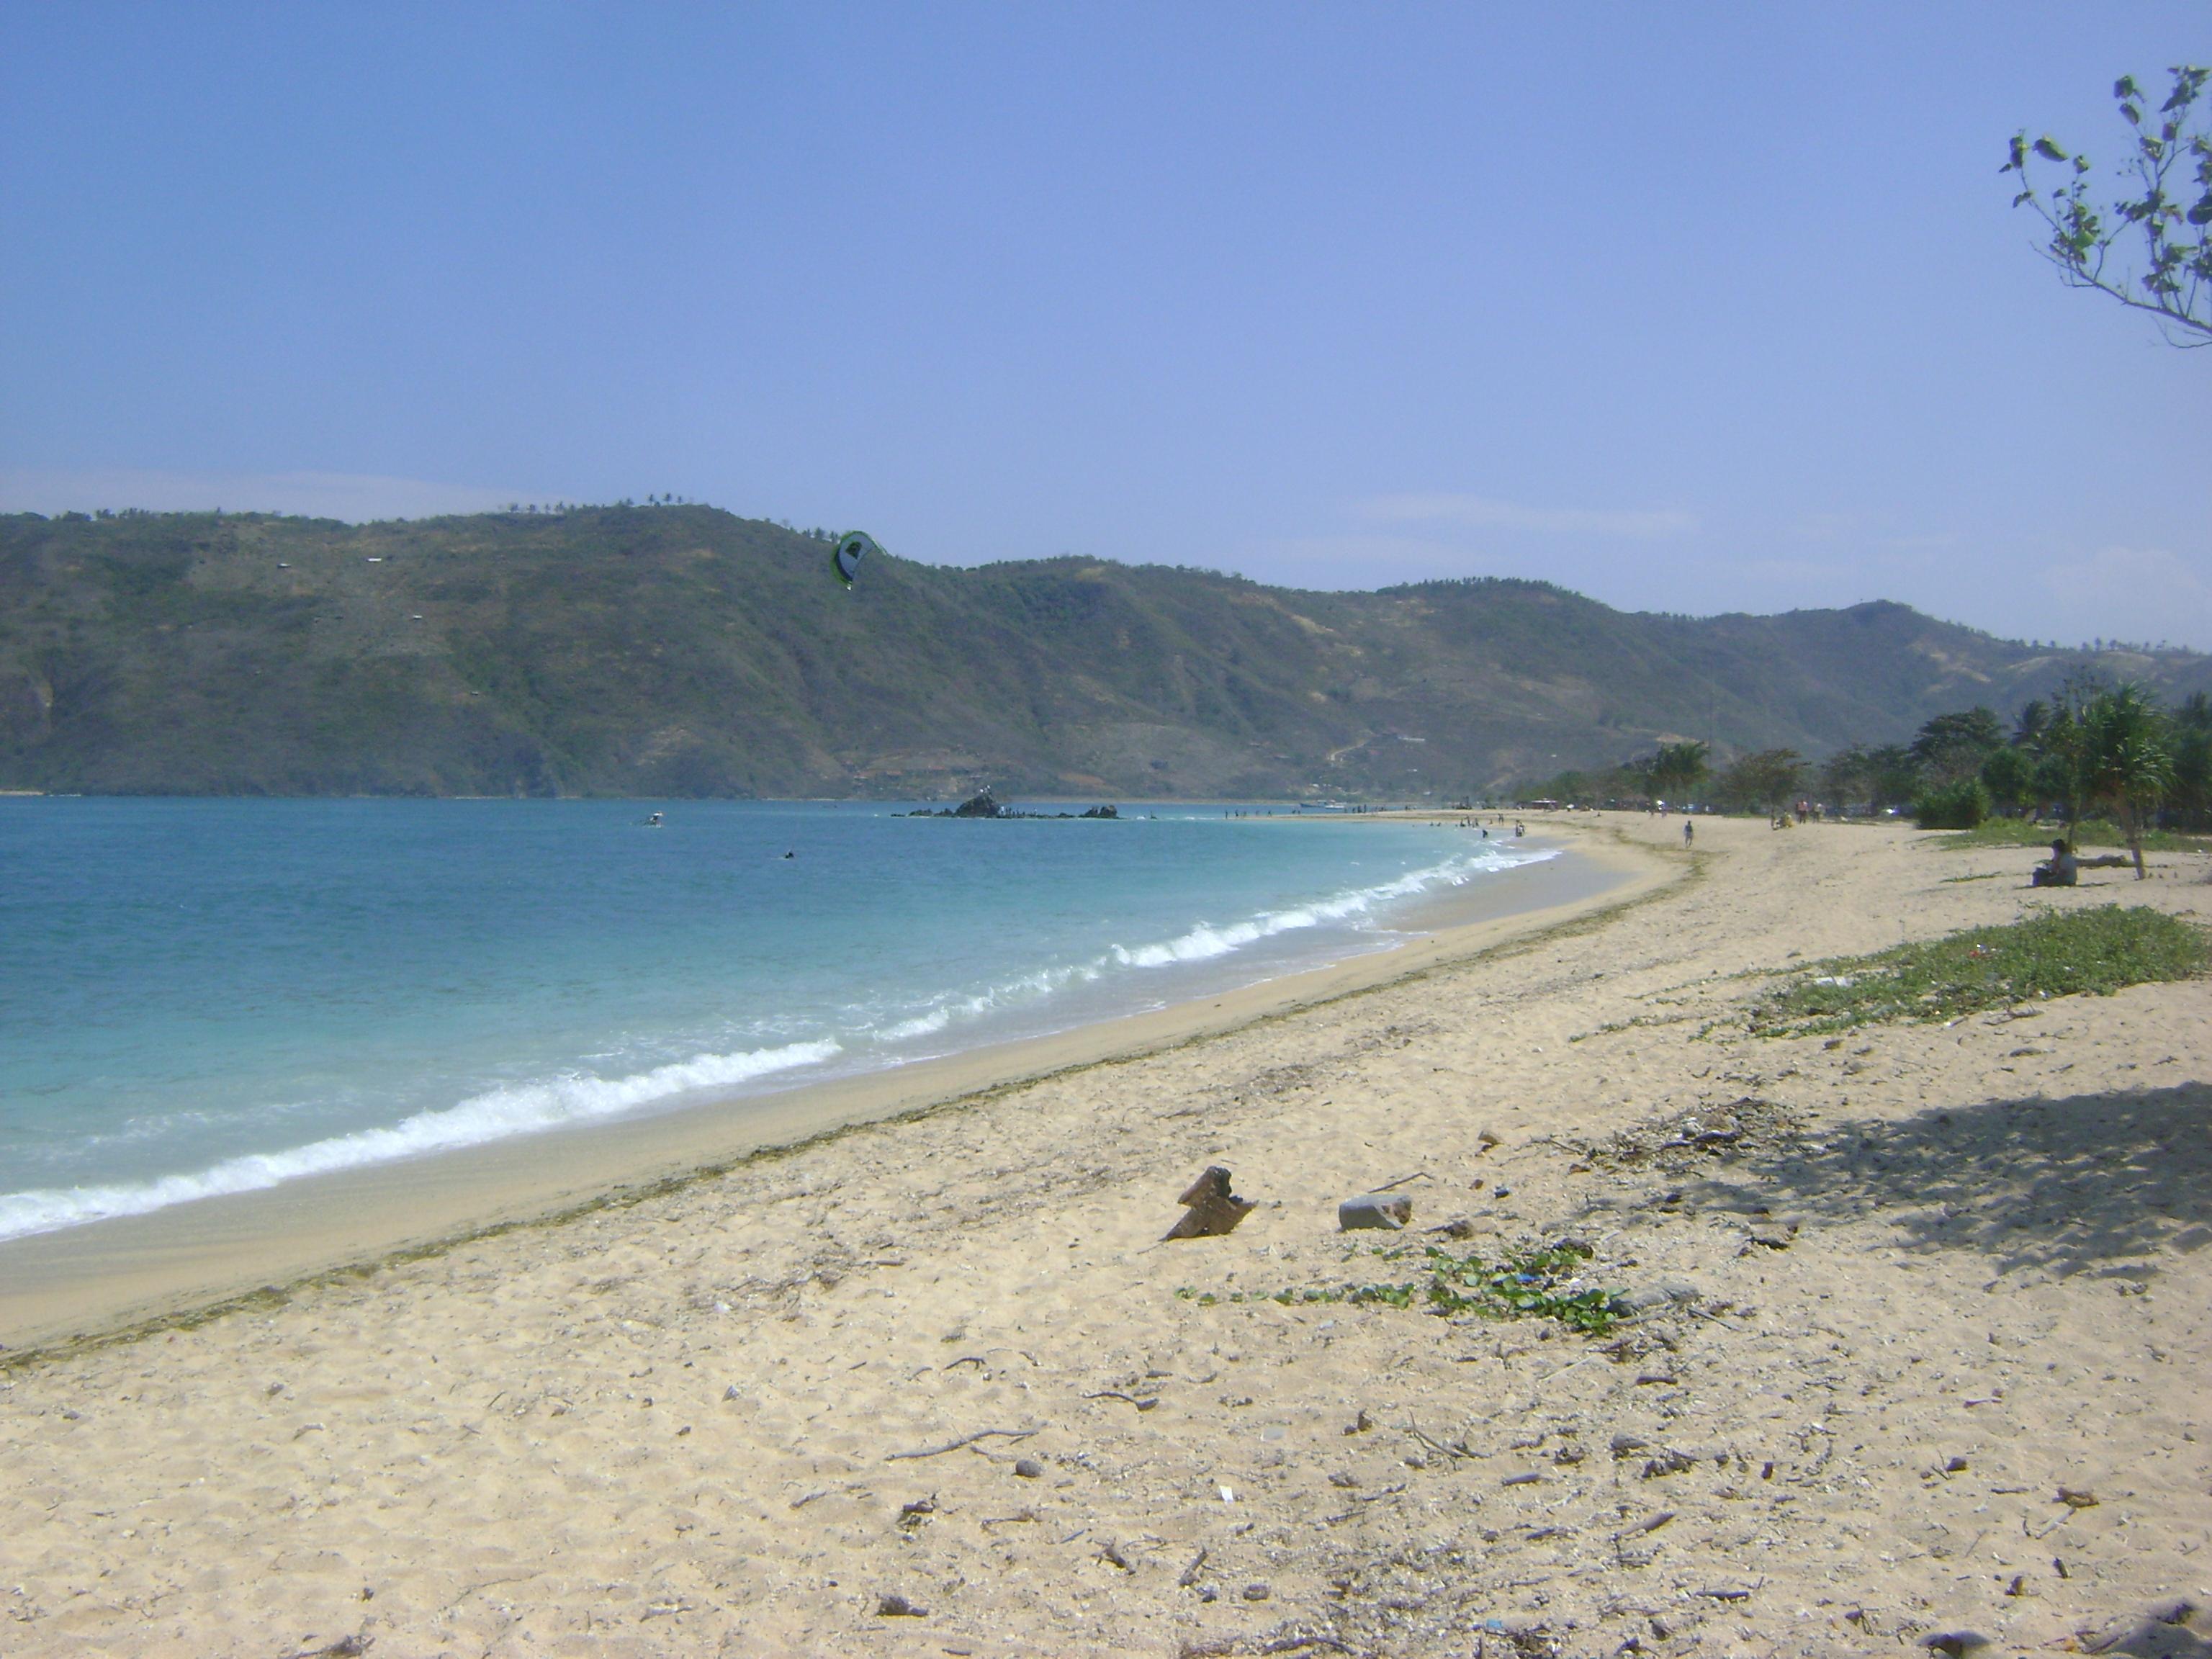 Ciri khas Kuta Beach ini adalah pasirnya putih dan dikelilingi oleh bukit di sepanjang pantai..